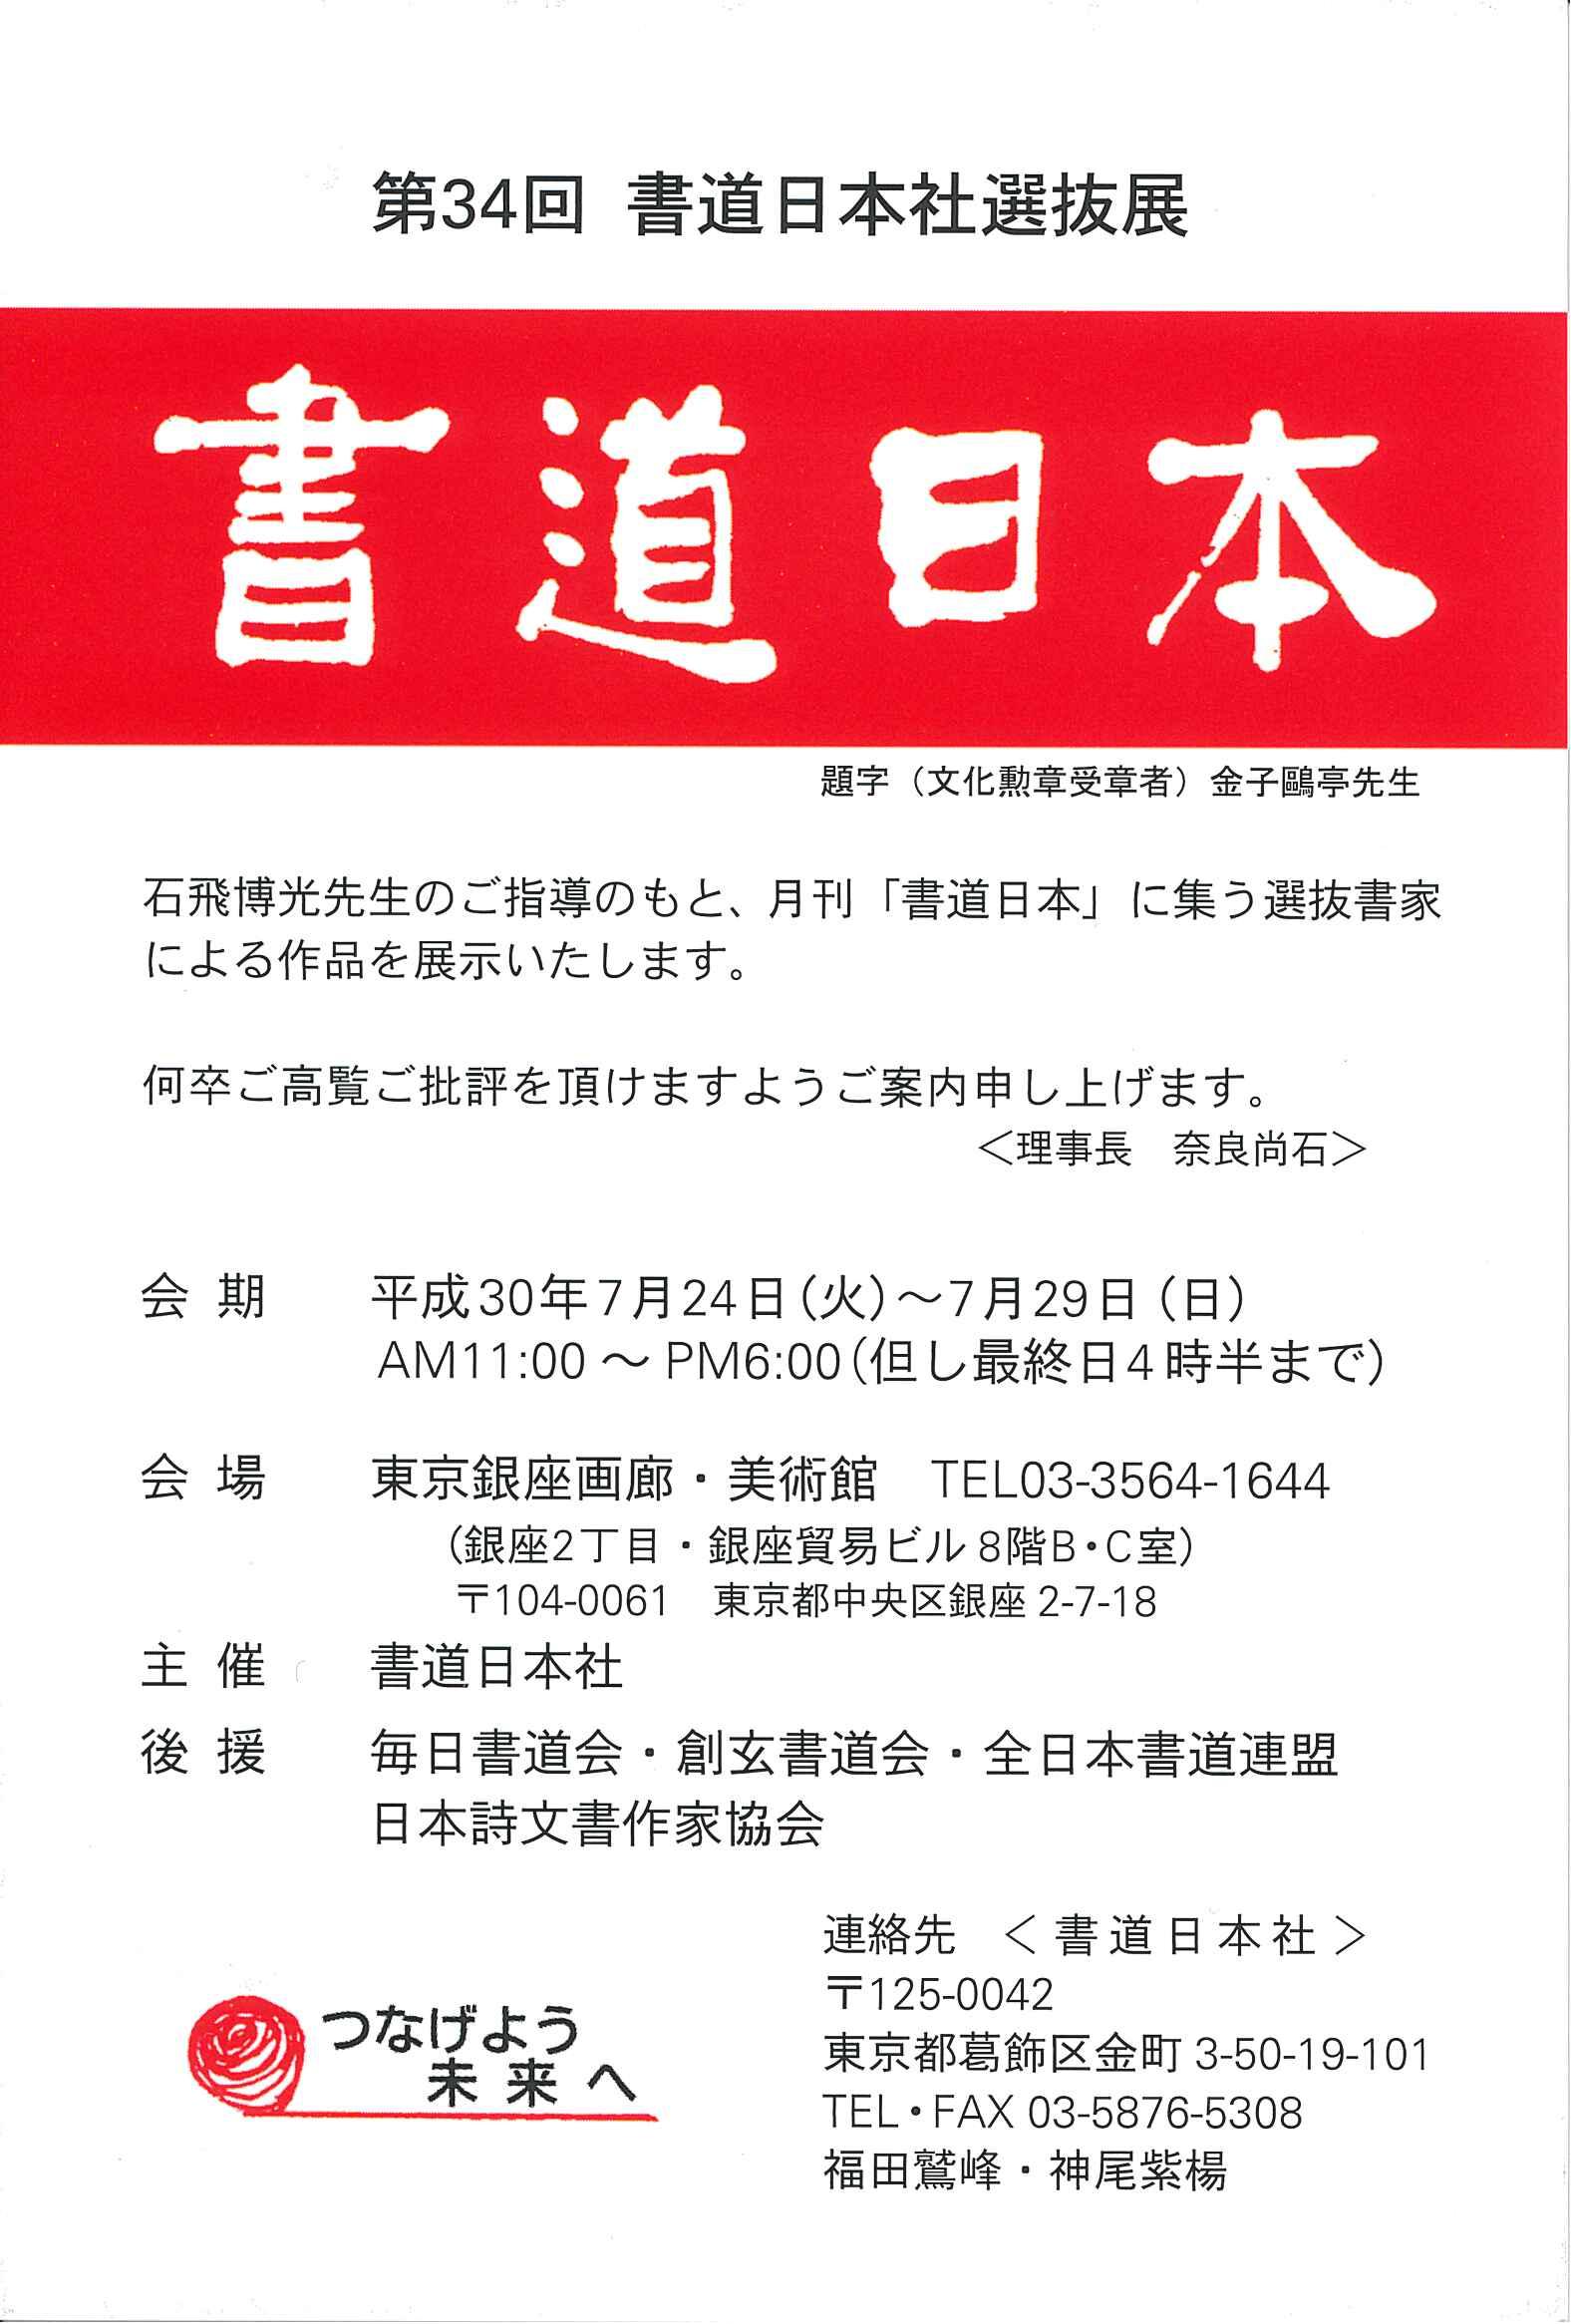 http://www.sogen.or.jp/letter/2018/07/02/20180702131711459_0001.jpg